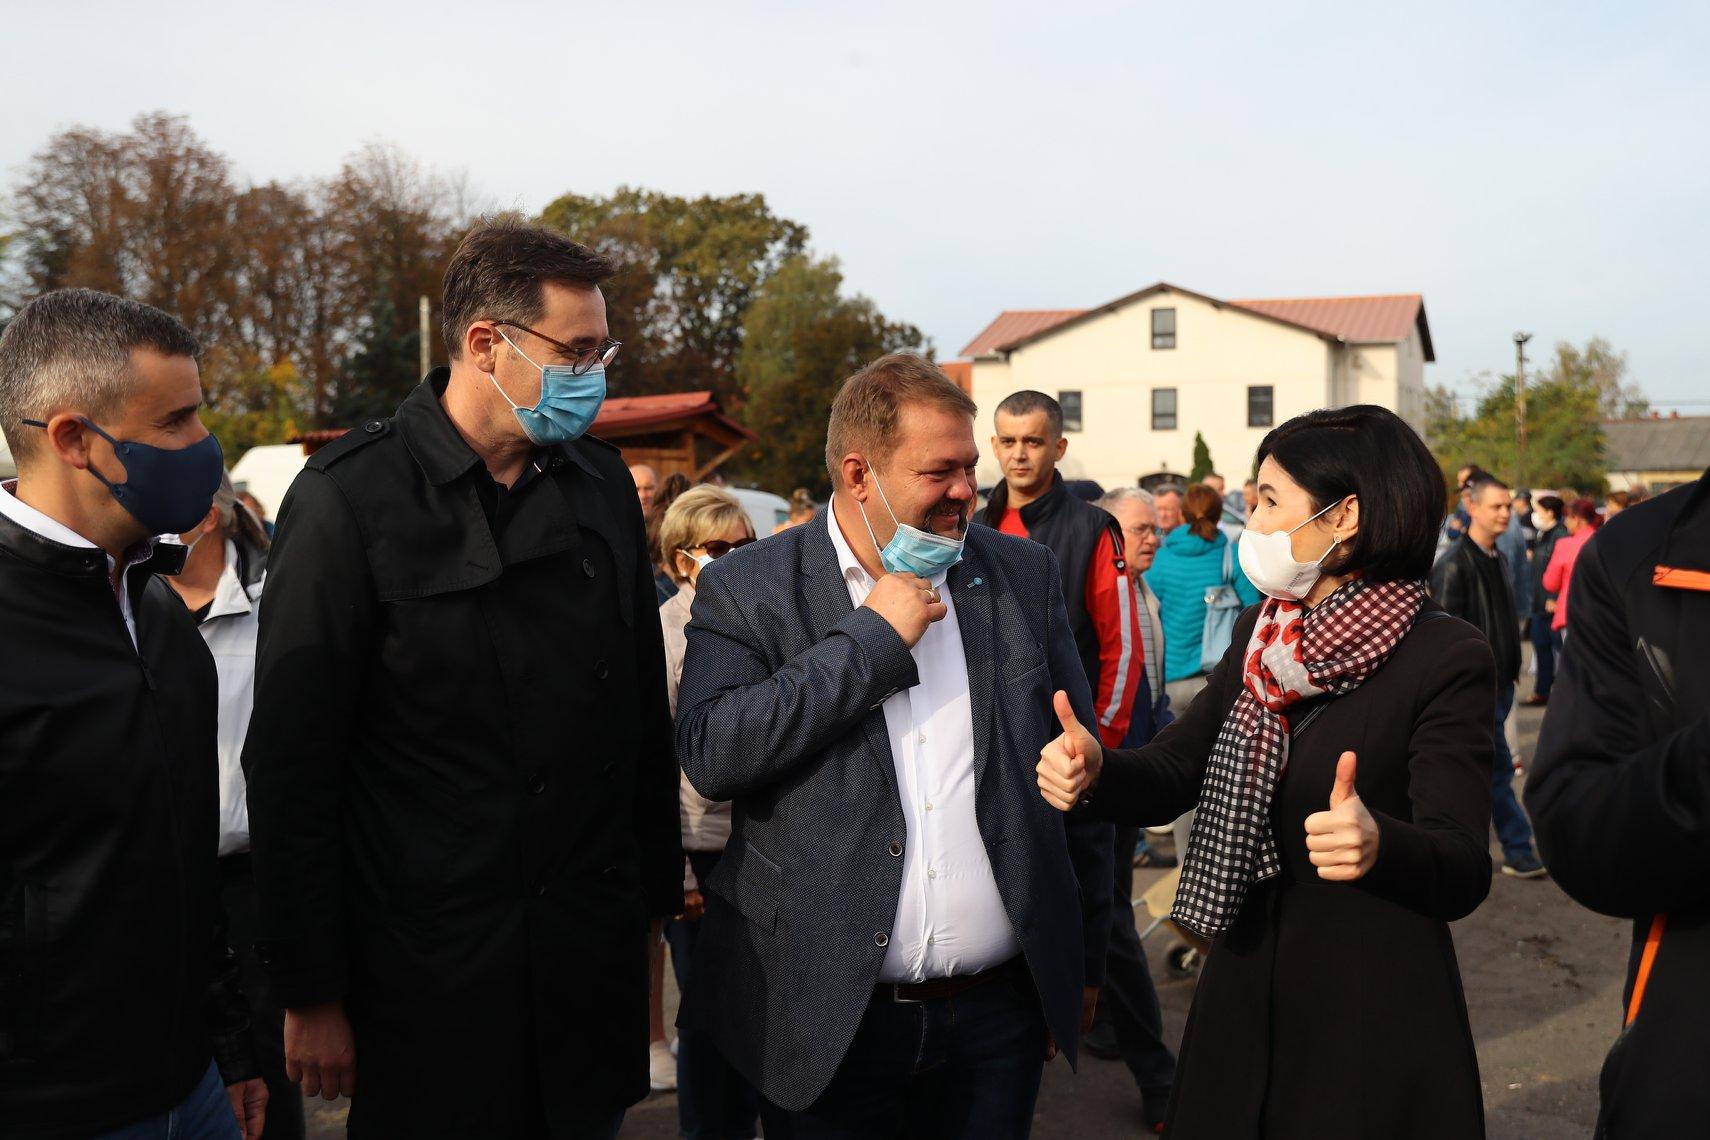 Visszalépett a jobbikos Bíró László Borsodban « Mérce